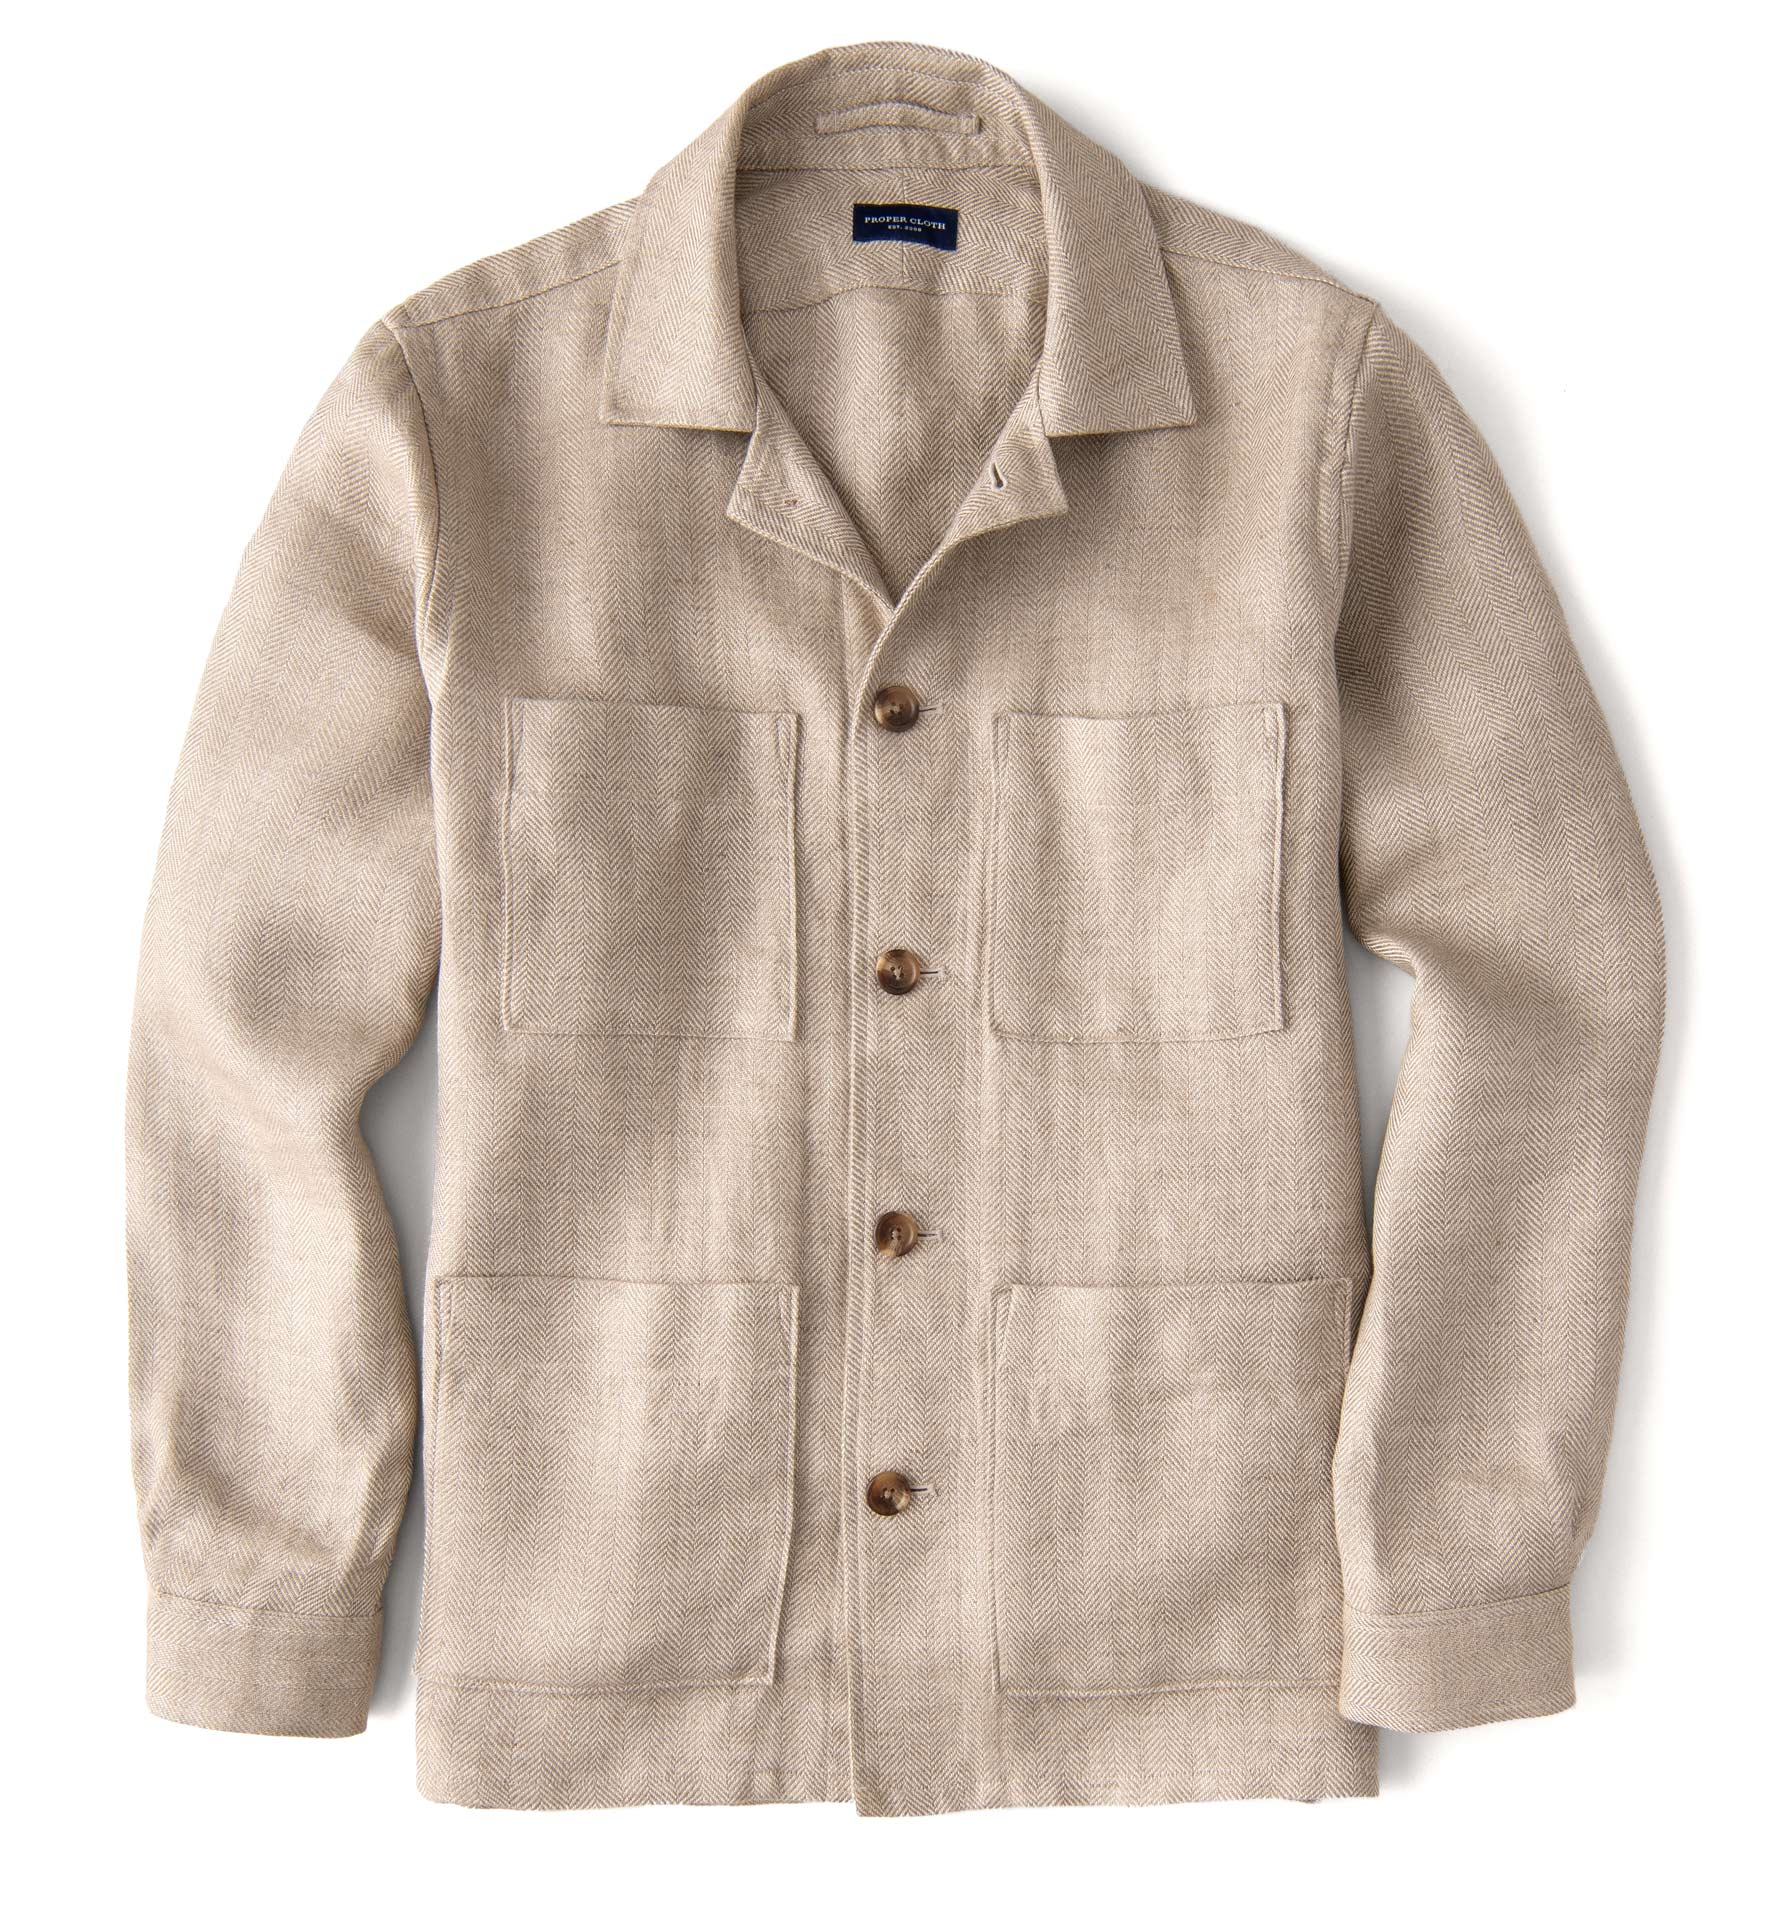 Zoom Image of Beige Herringbone Linen Shirt Jacket